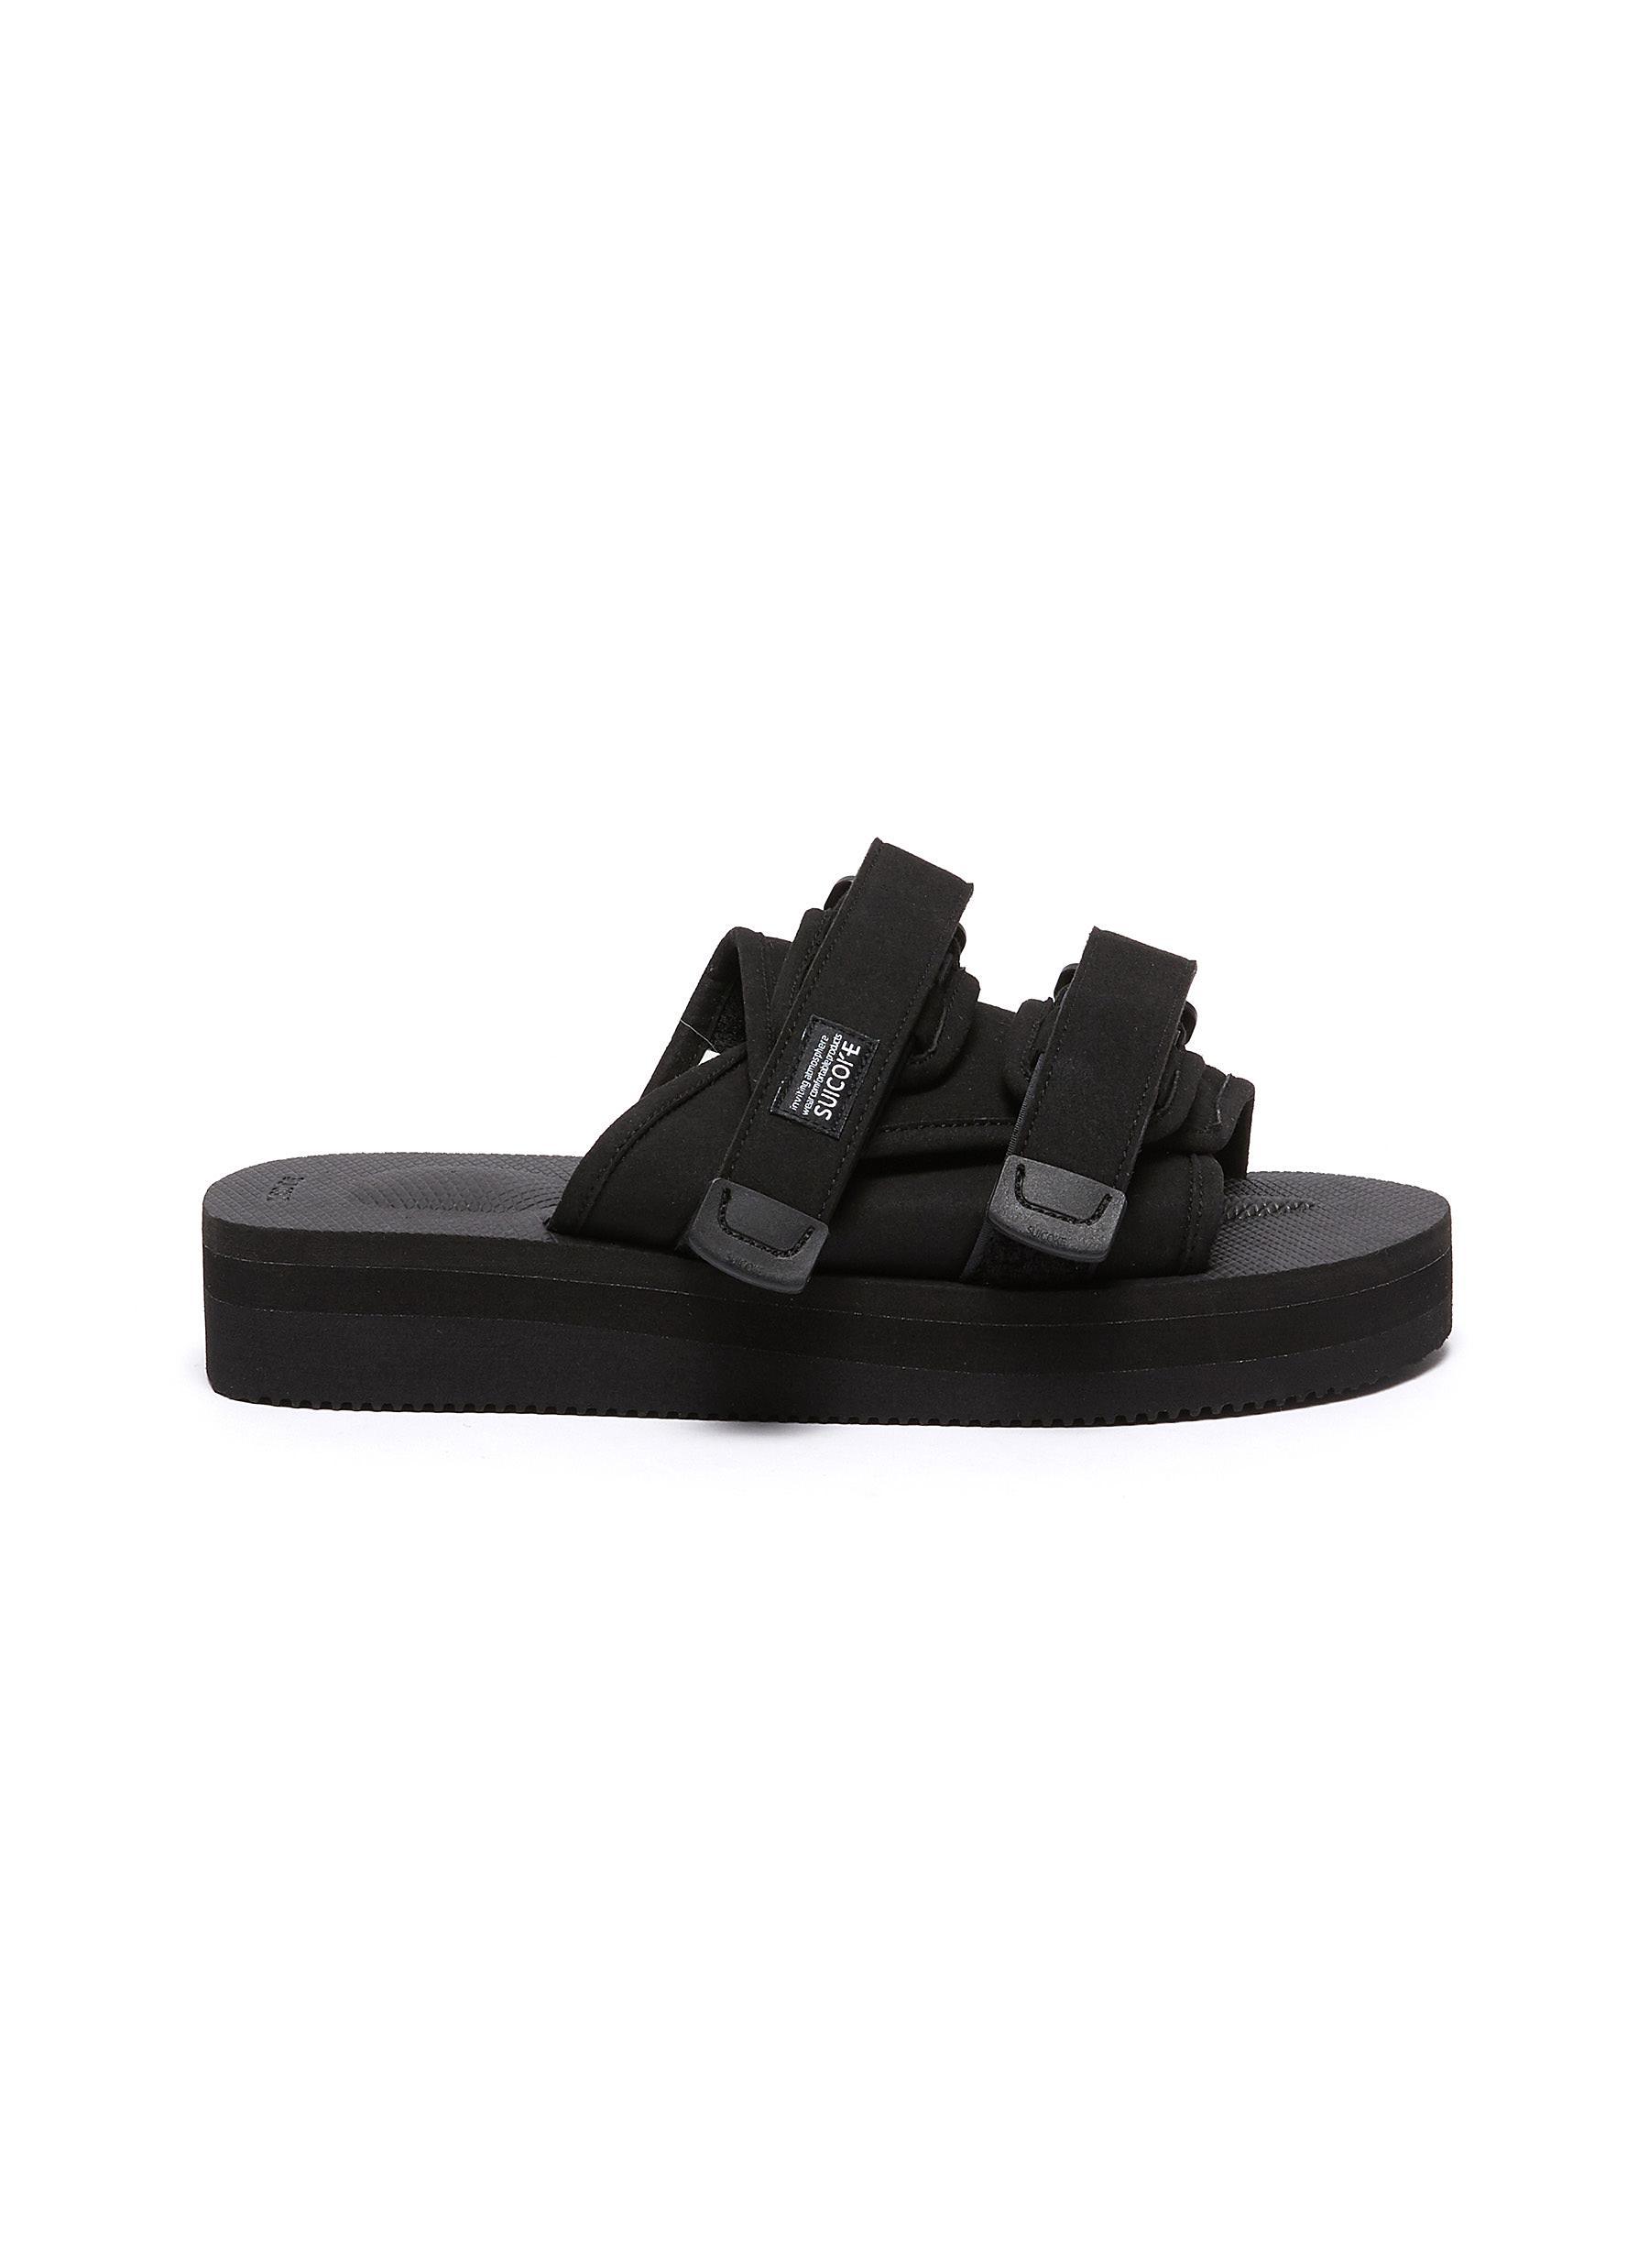 Moto O/T Single Band Footbed Sandal - SUICOKE - Modalova